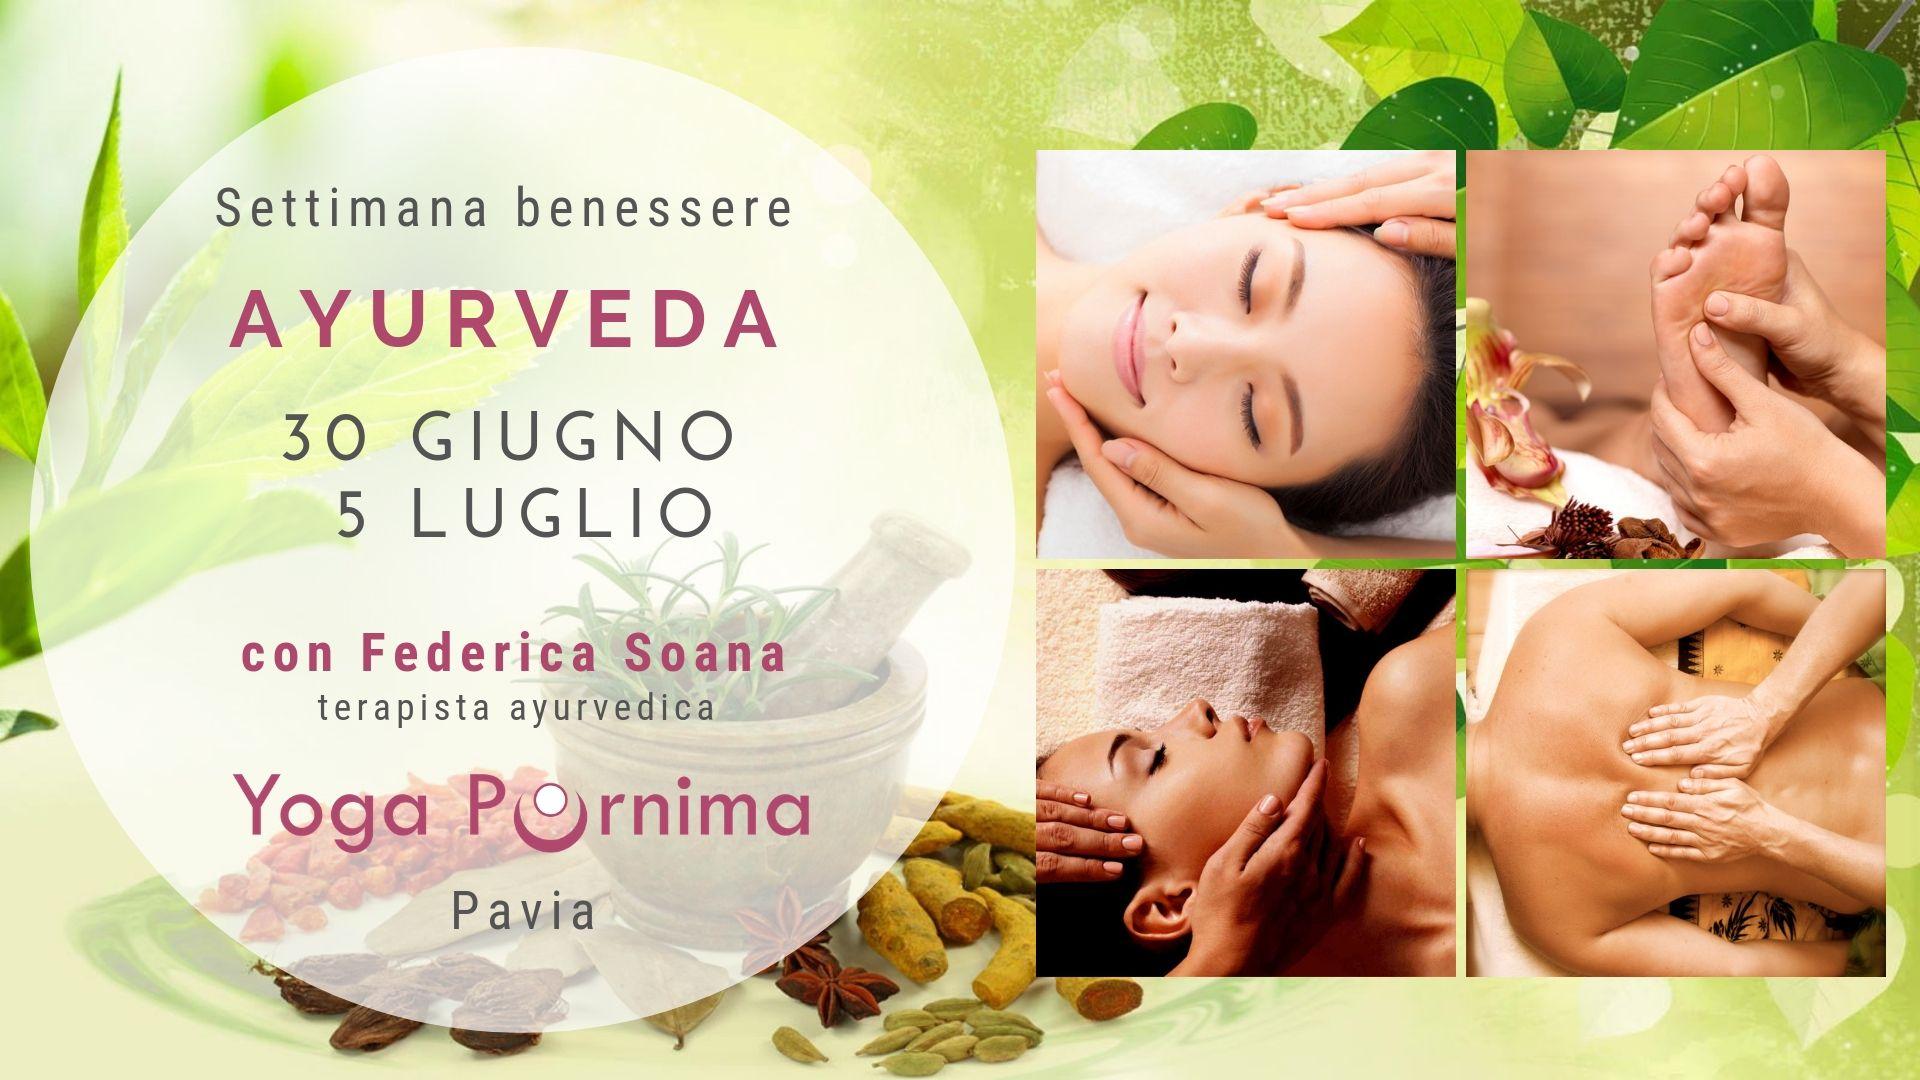 Dal 30 giugno al 5 luglio: settimana benessere con l'Ayurveda